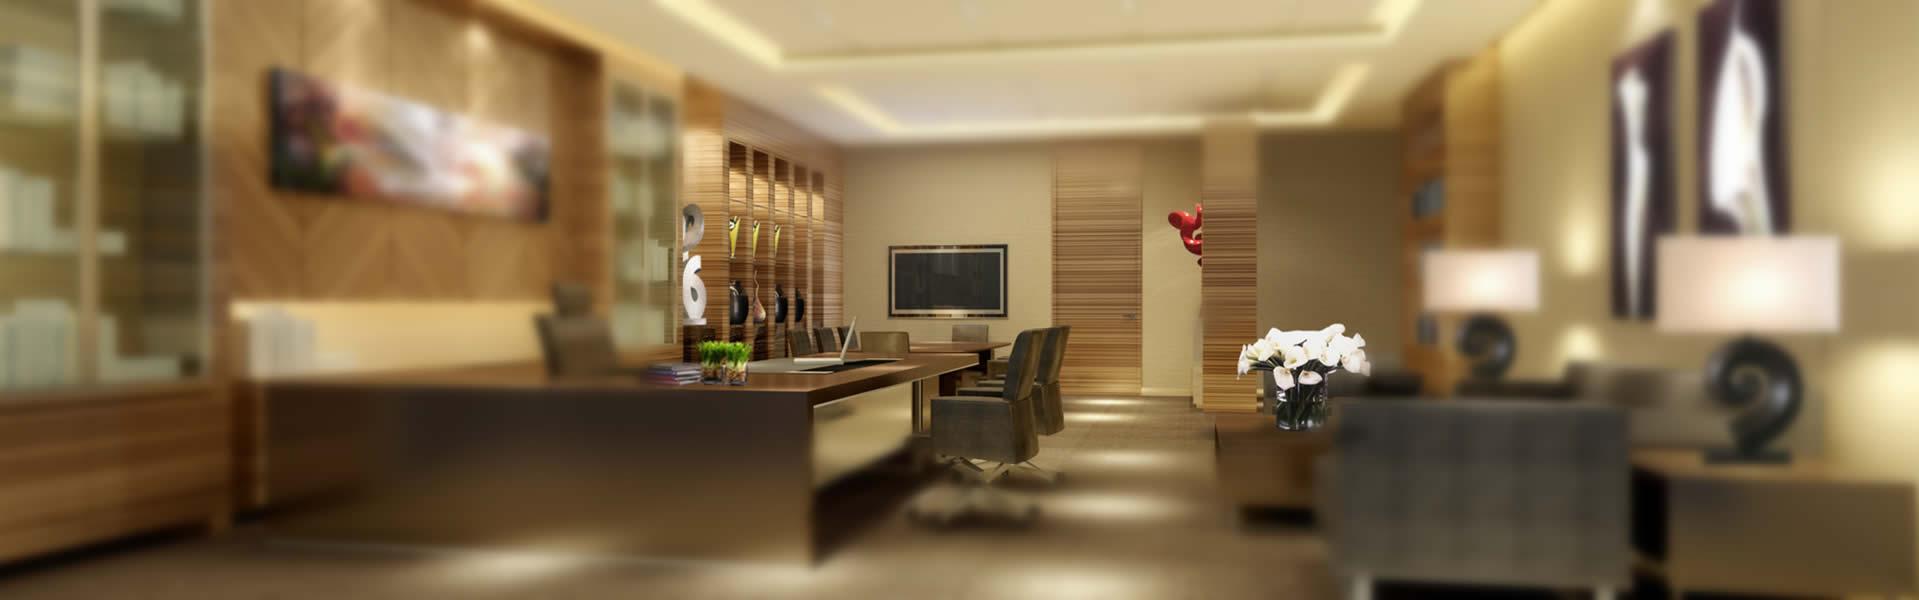 办公室装修|门面装修如何选装饰公司